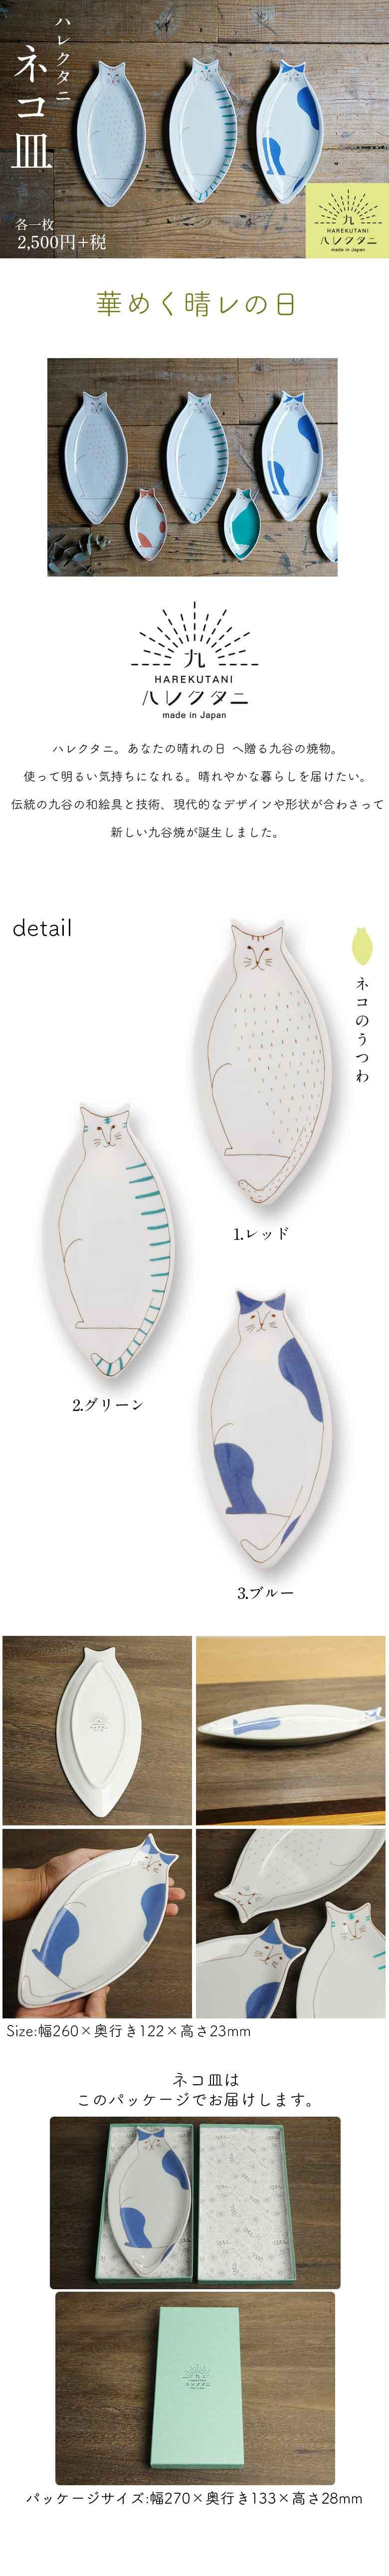 【九谷焼】ネコ皿/ハレクタニ